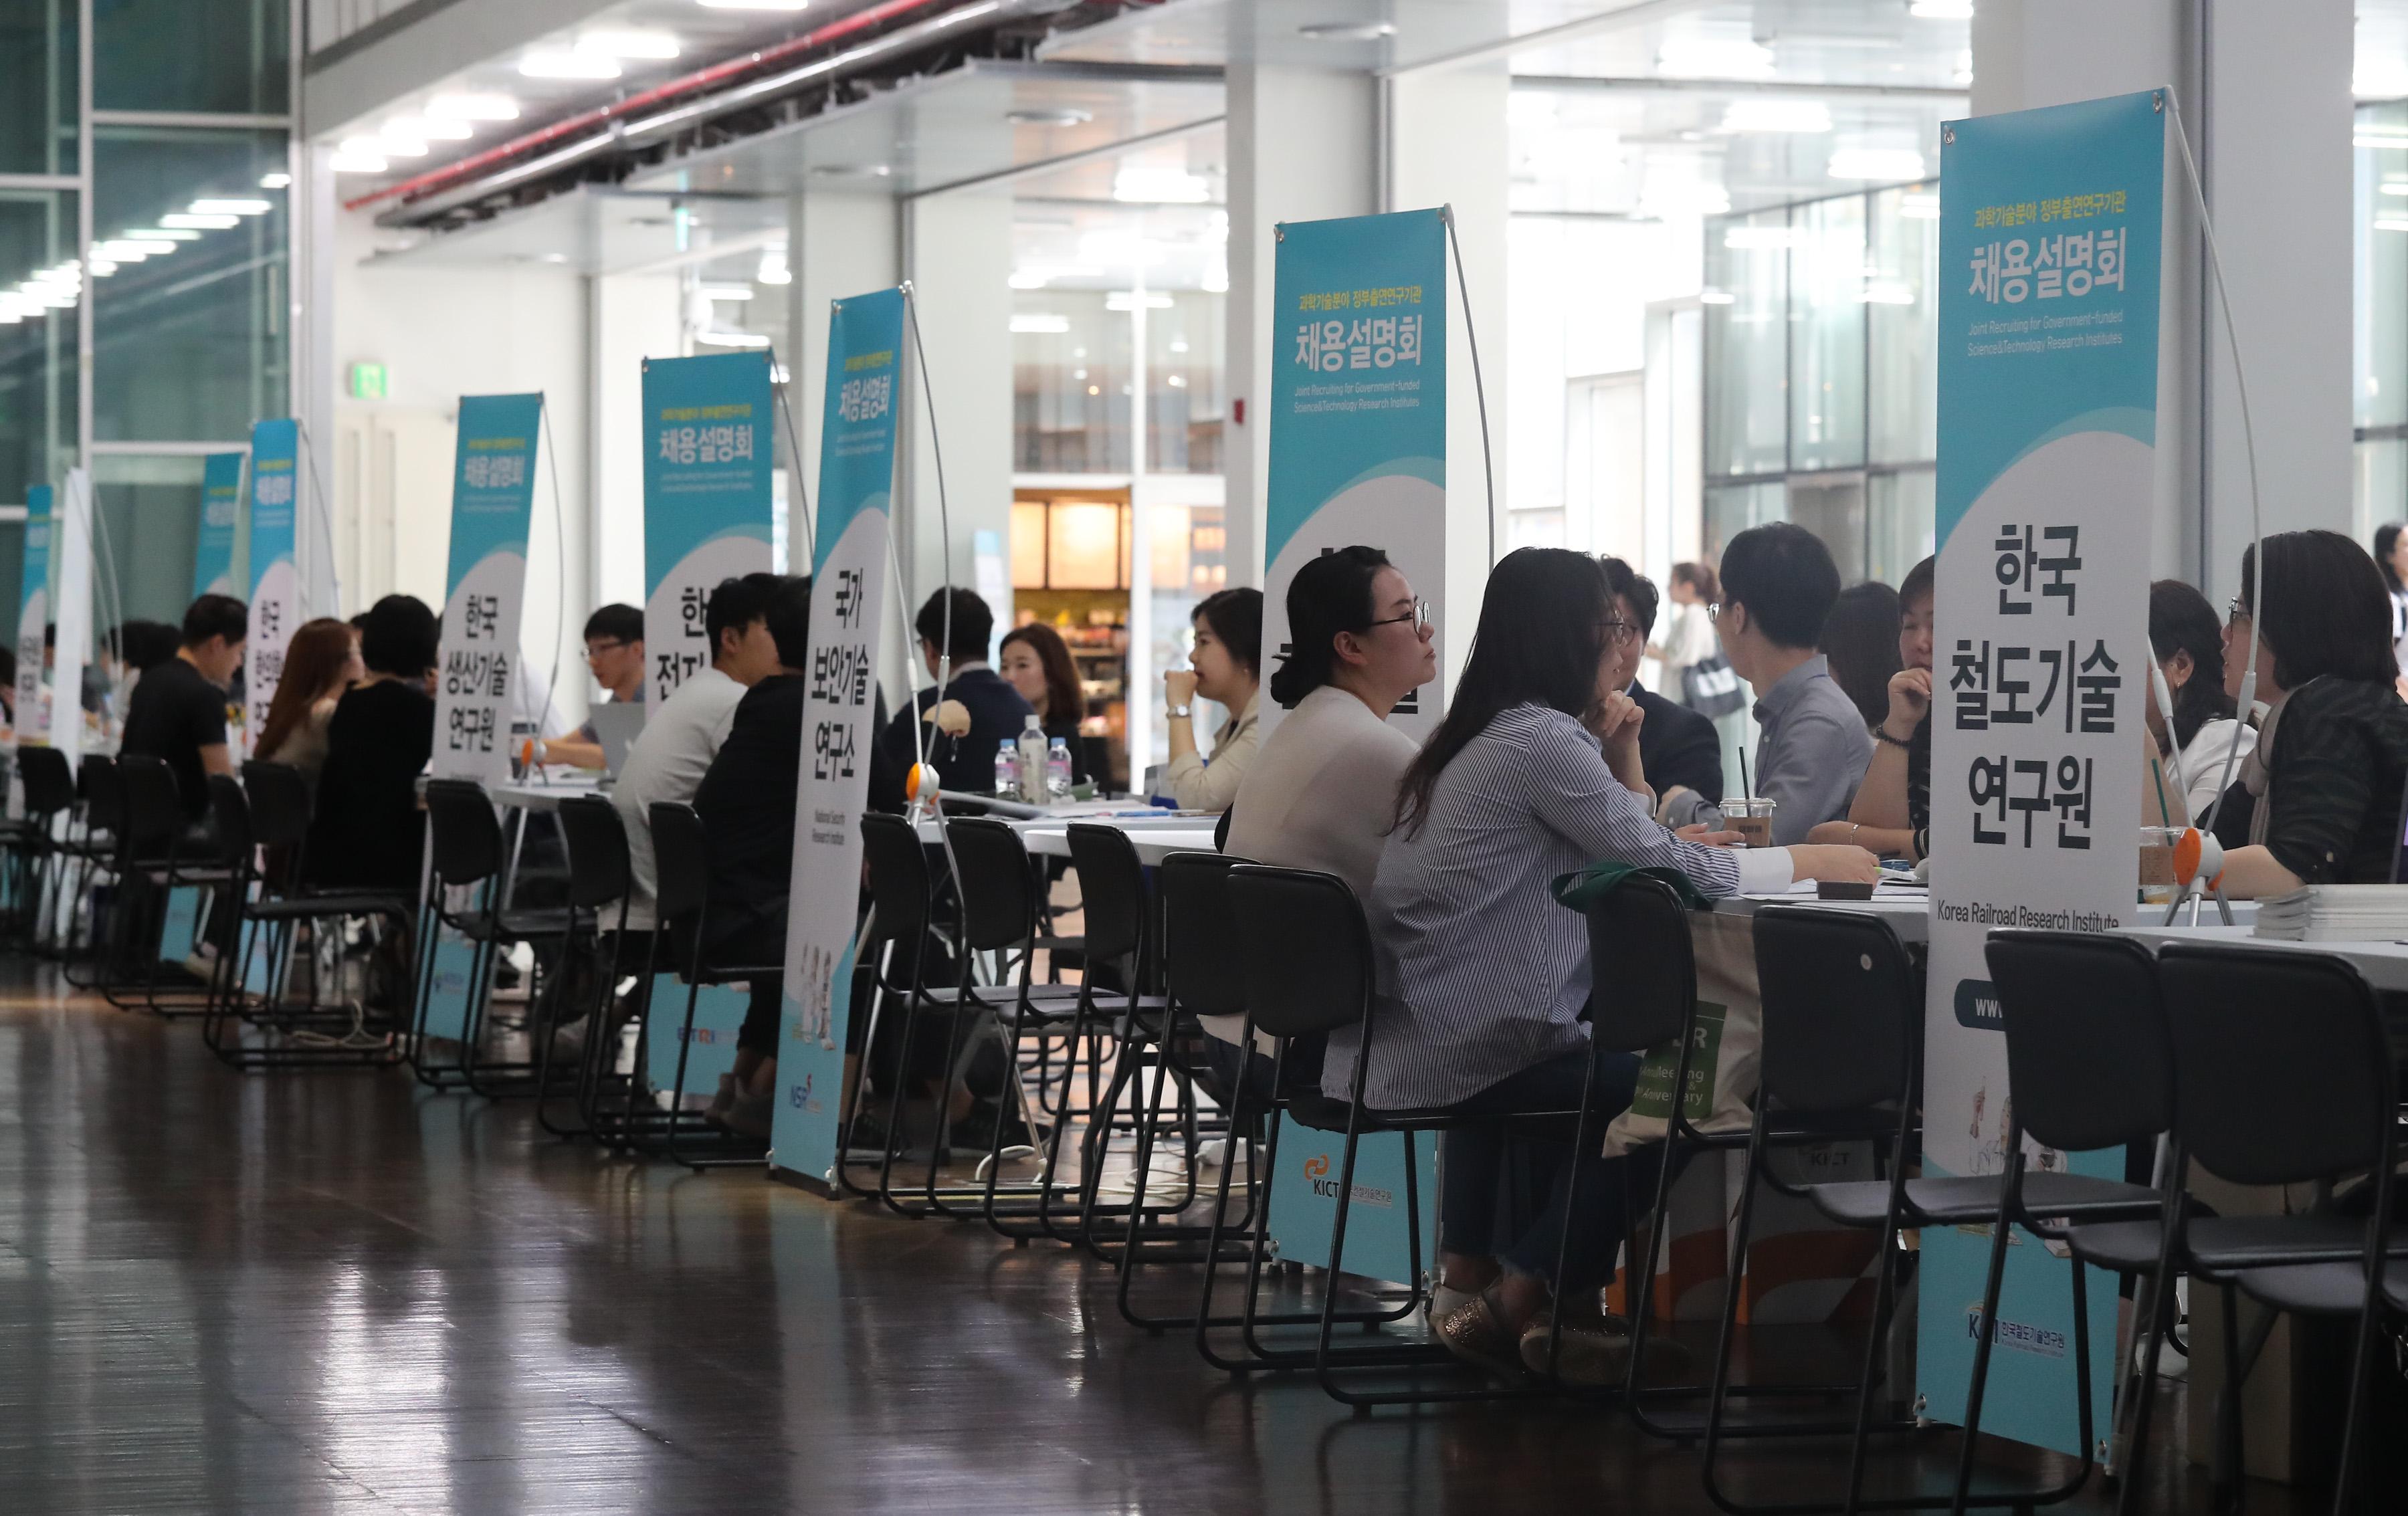 과학기술 분야 정부출연연구기관(이하 출연연) 채용설명회에서 구직자들이 취업 상담을 받고 있다. 연합뉴스